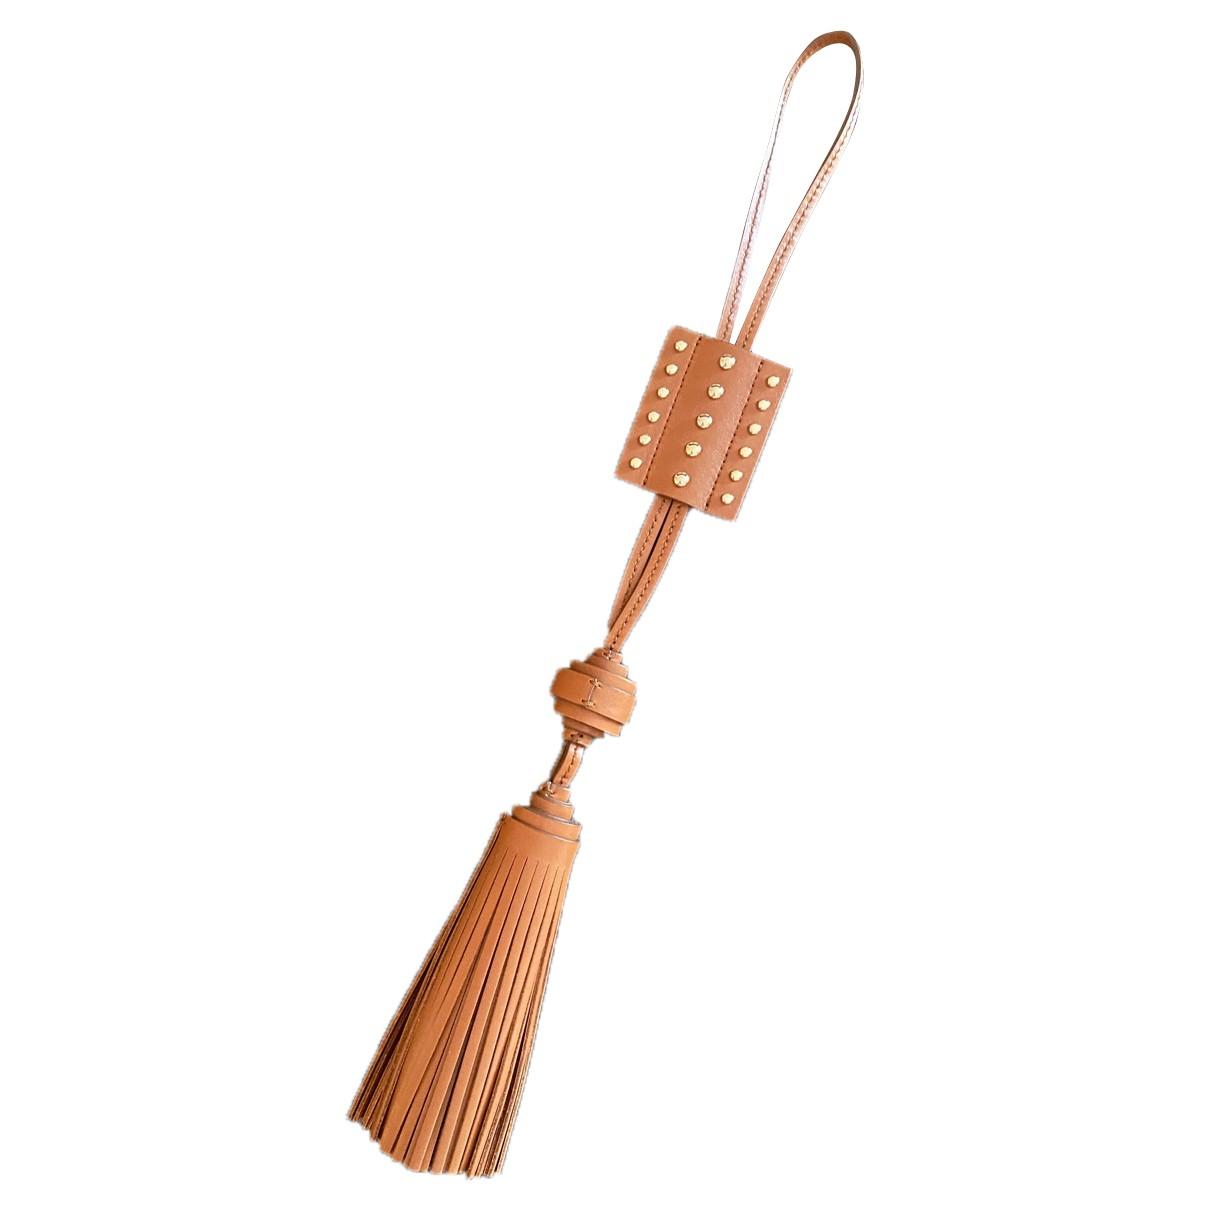 Tod's - Petite maroquinerie   pour femme en cuir - camel